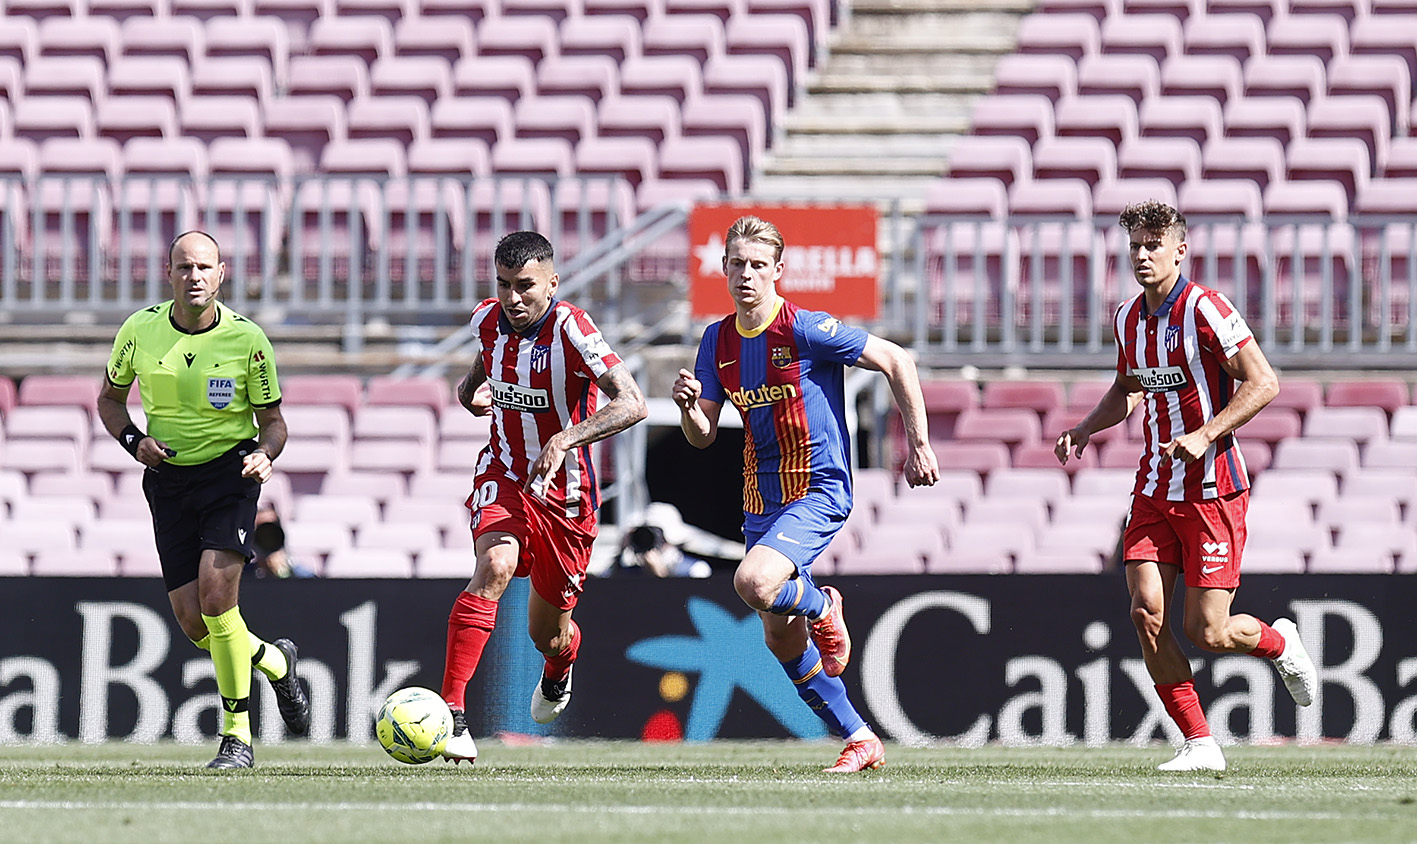 برشلونة ضد أتلتيكو مدريد (4)